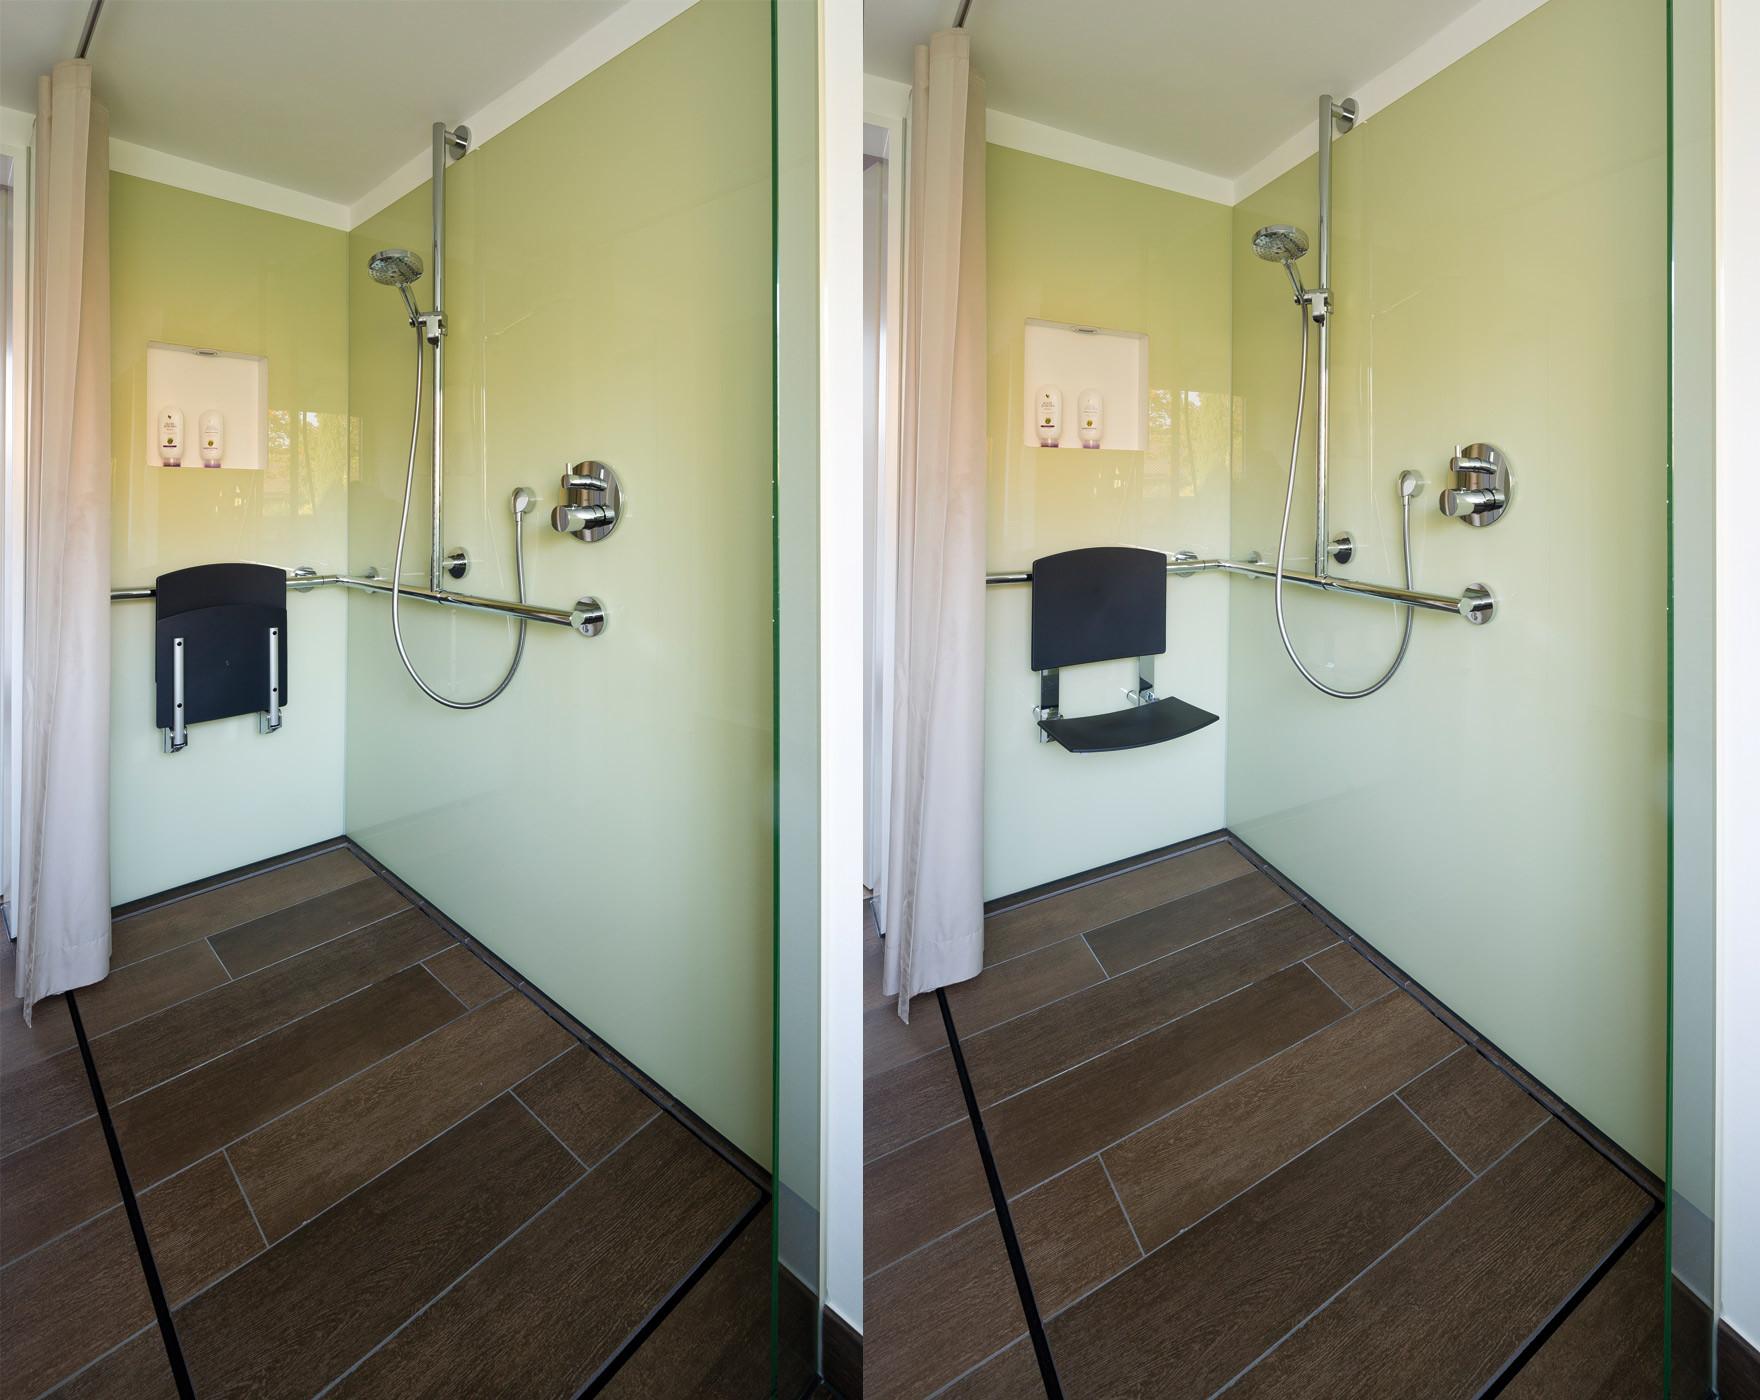 Bodengleiche Dusche  Bodengleiche Duschen 10 Top Duschideen baqua